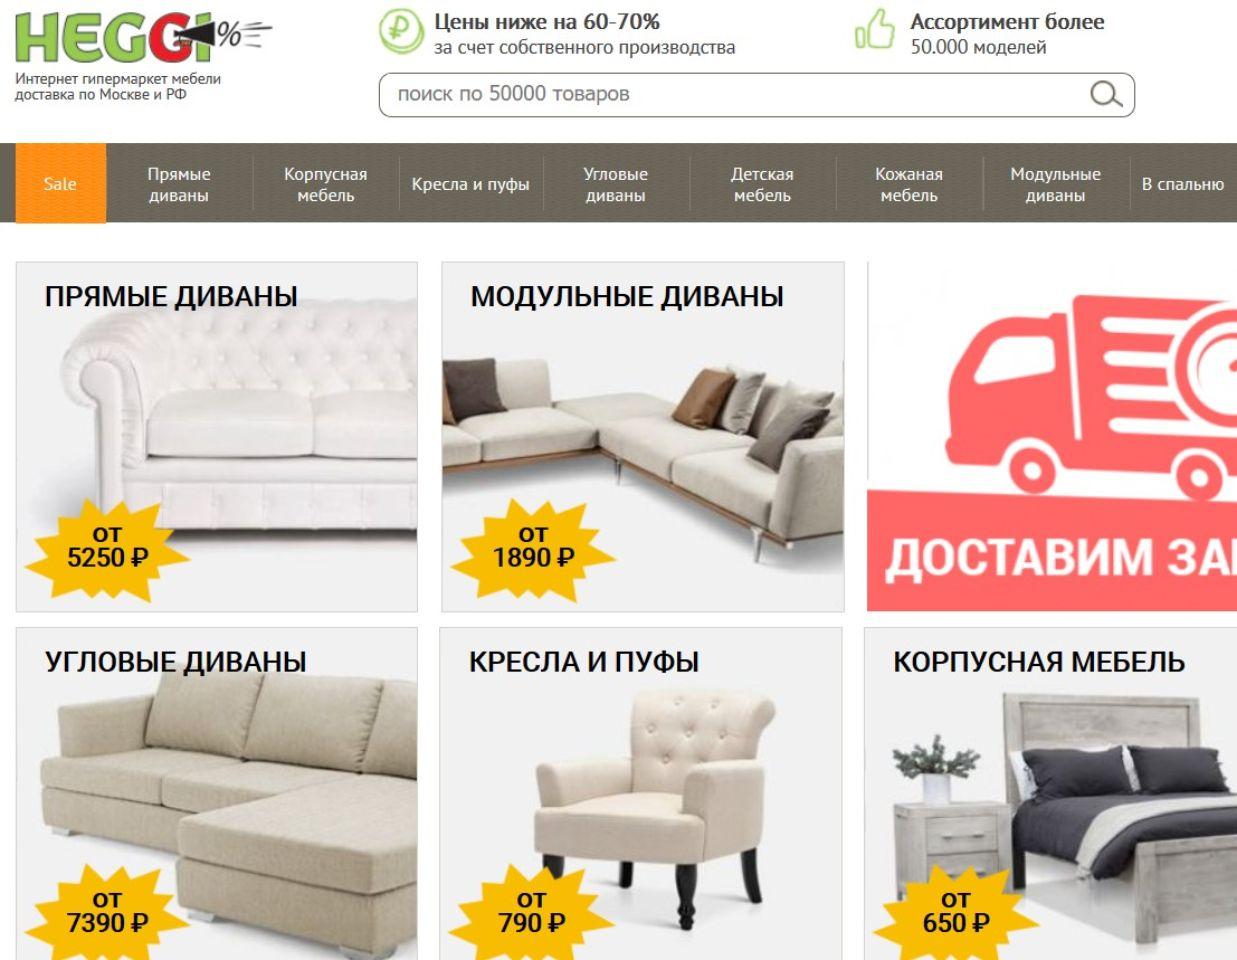 Раскрутка сайта Мебель